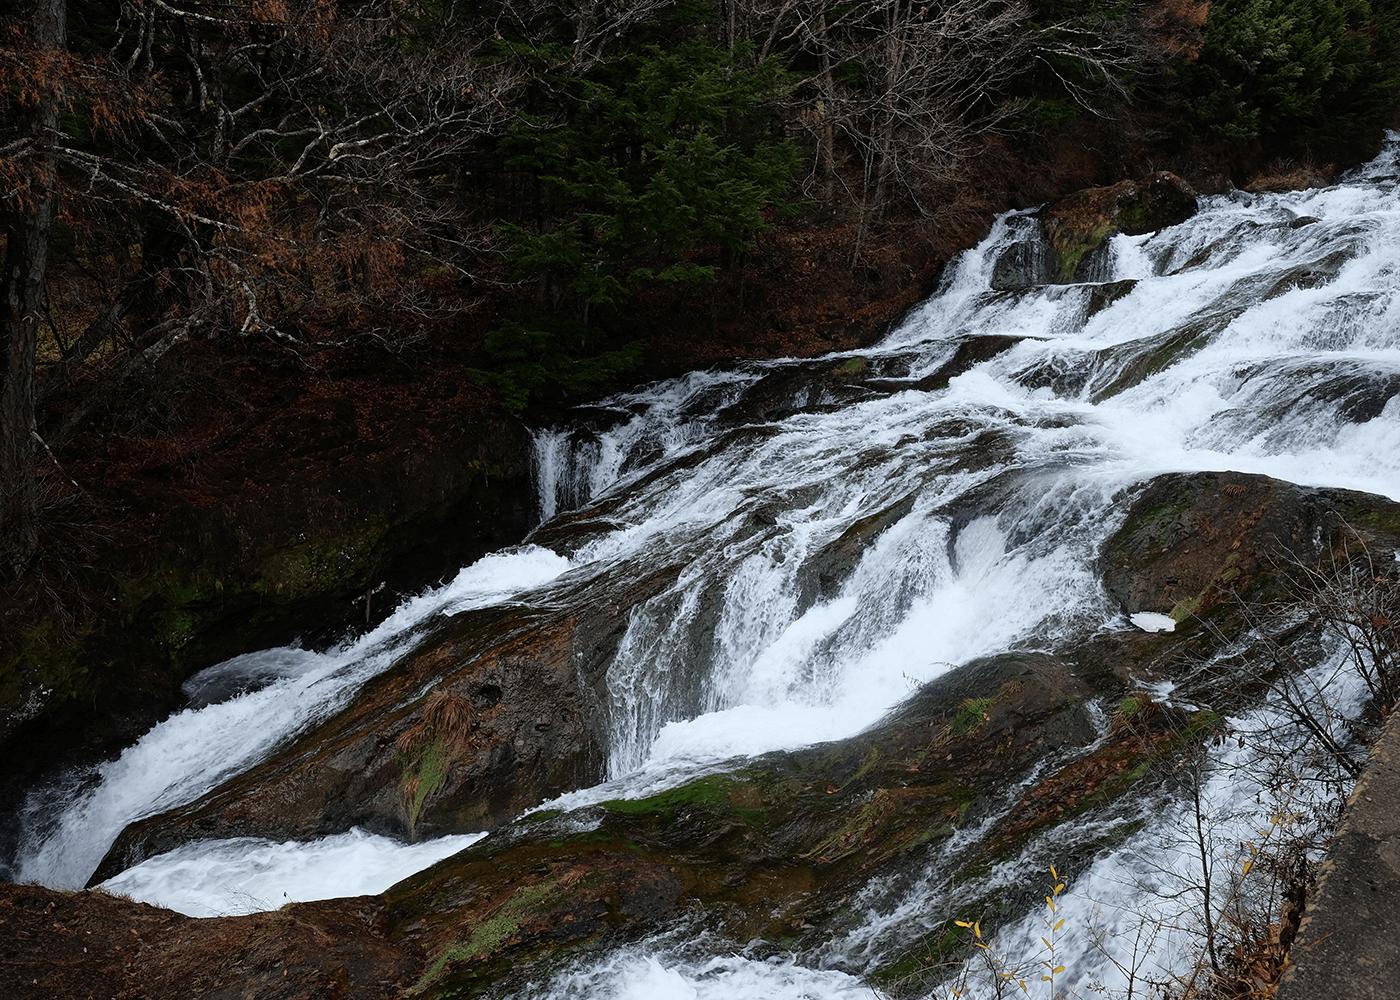 龍頭の滝(Ryūzu Falls)